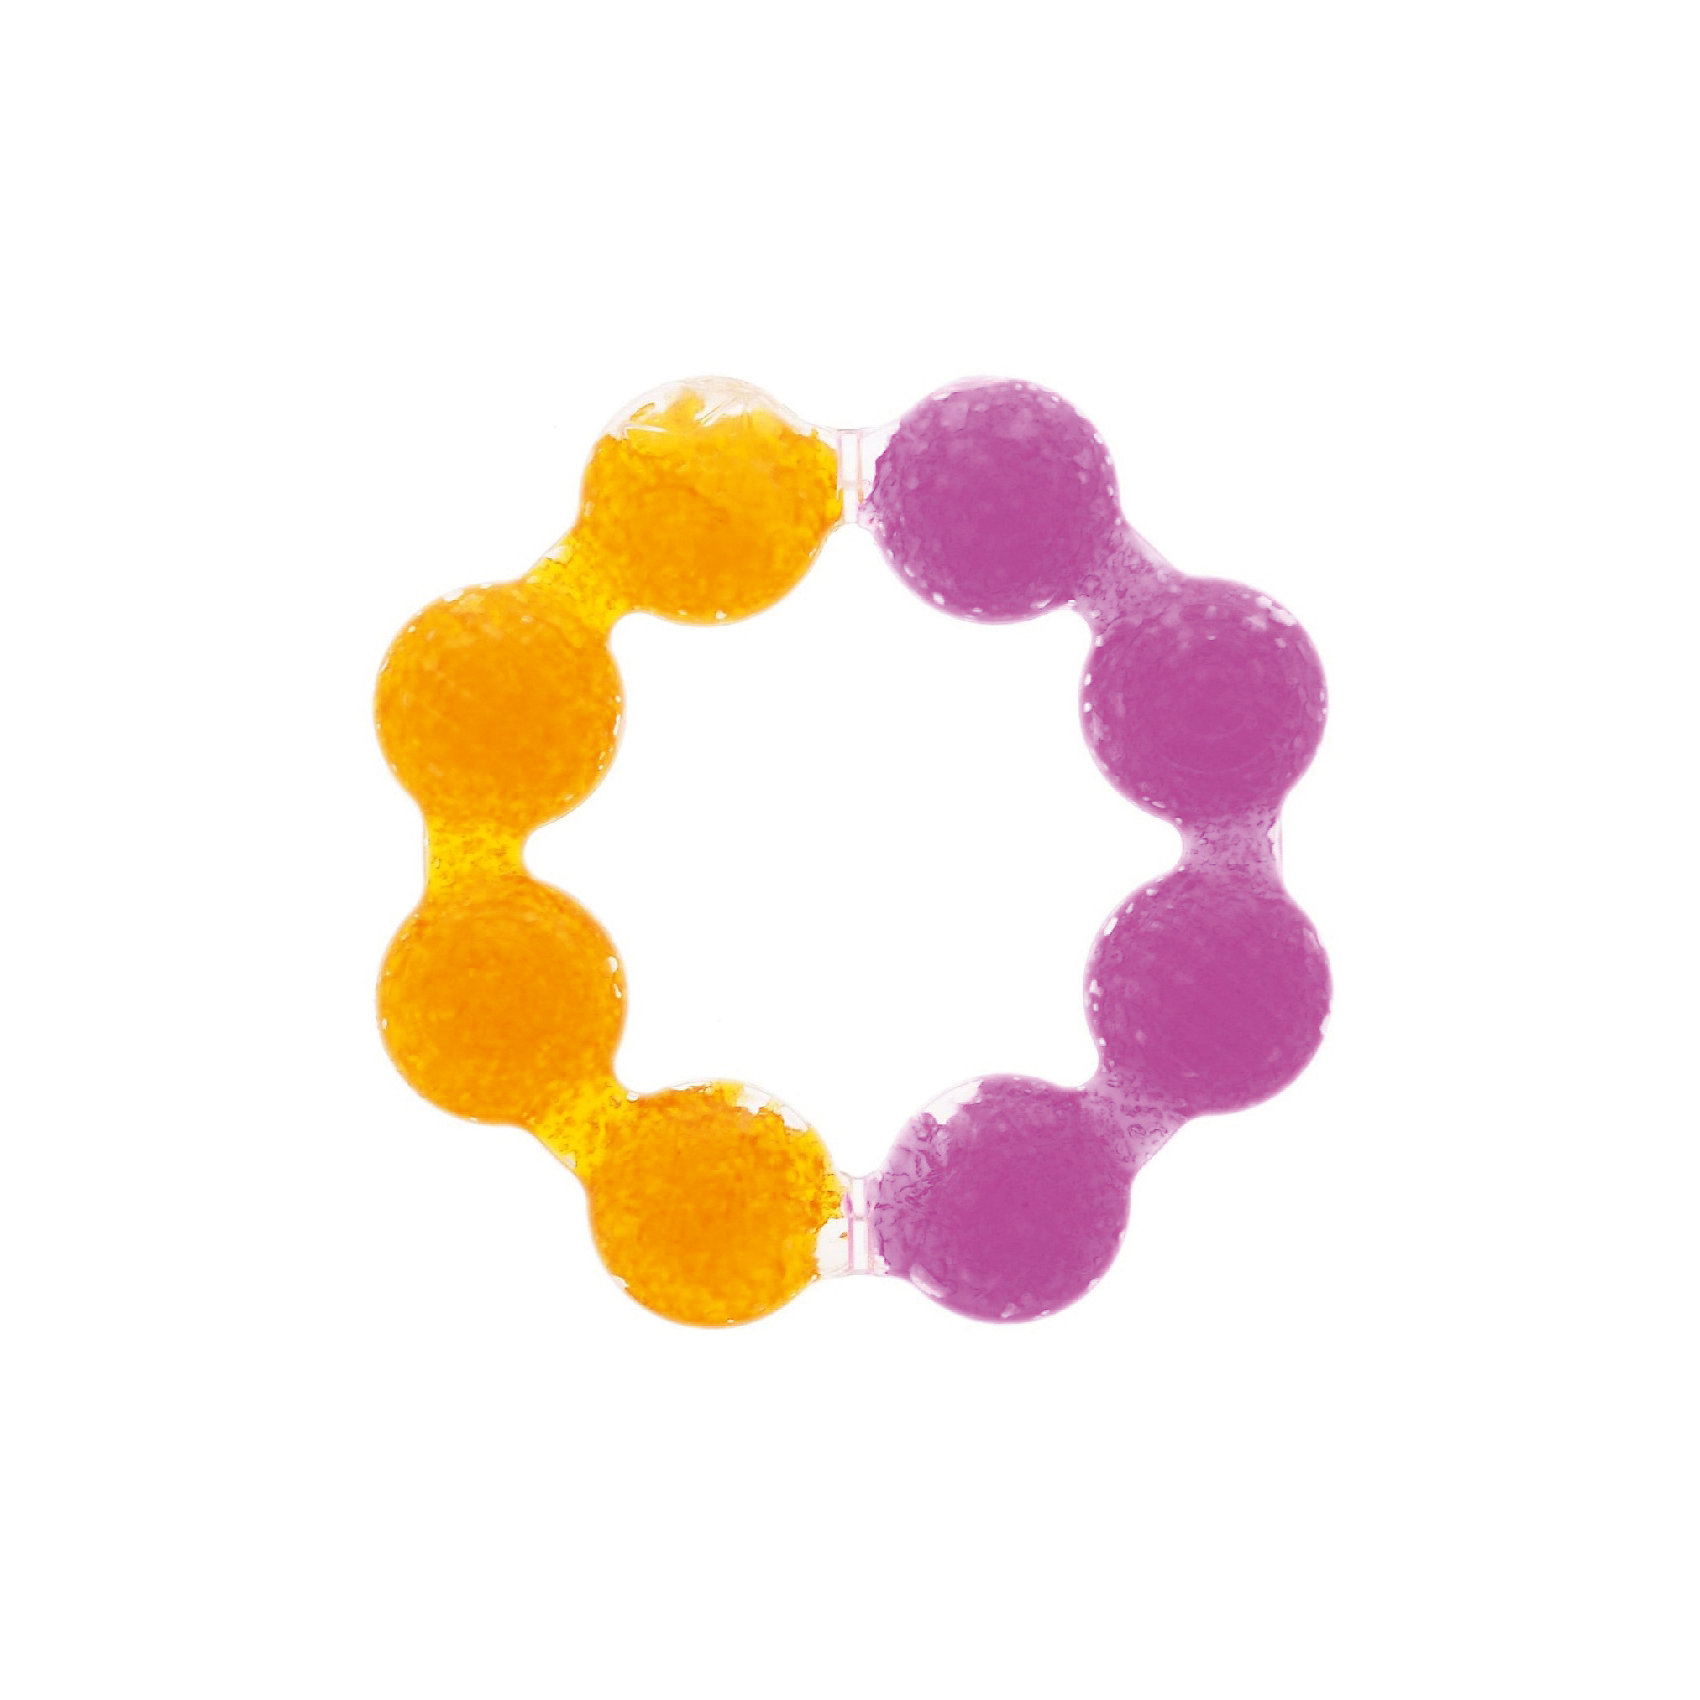 Игрушка  прорезыватель Цветок , Munchkin, рыжий-розовыйПрорезыватели<br>Игрушка  прорезыватель Цветок , Munchkin (Манчкин) – эта игрушка поможет малышу облегчить период прорезывания зубов.<br>Прорезыватель Munchkin (Манчкин) Цветок наполнен гелем, в охлажденном состоянии он оказывает легкое анестезирующее действие, а поверхность прорезывателя мягко массирует десны малыша и уменьшает дискомфорт при появлении зубов. Прорезыватель имеет разные виды текстуры и разный цвет поверхностей. Форма прорезывателя в виде кольца удобна для маленьких детских ручек. Материал, из которого он изготовлен, не токсичен, безопасен для здоровья малыша, не содержит бисфенол А, не вызывает аллергических реакций. Можно охлаждать в холодильнике. Прорезыватель Munchkin (Манчкин) Цветок развивает мелкую моторику, воображение, концентрацию внимания и цветовое восприятие ребенка.<br><br>Дополнительная информация:<br><br>- В комплекте: 1 прорезыватель<br>- Цвет в ассортименте<br>- Материал: силикон<br>- Размер упаковки: 3 х 15 х 18 см.<br>- Вес: 100 г.<br>- ВНИМАНИЕ! Данный товар представлен в ассортименте. К сожалению, предварительный выбор невозможен. При заказе нескольких единиц данного товара, возможно получение одинаковых<br><br>Игрушку прорезыватель Цветок , Munchkin (Манчкин) можно купить в нашем интернет-магазине.<br><br>Ширина мм: 30<br>Глубина мм: 150<br>Высота мм: 180<br>Вес г: 100<br>Возраст от месяцев: 0<br>Возраст до месяцев: 24<br>Пол: Унисекс<br>Возраст: Детский<br>SKU: 4142388